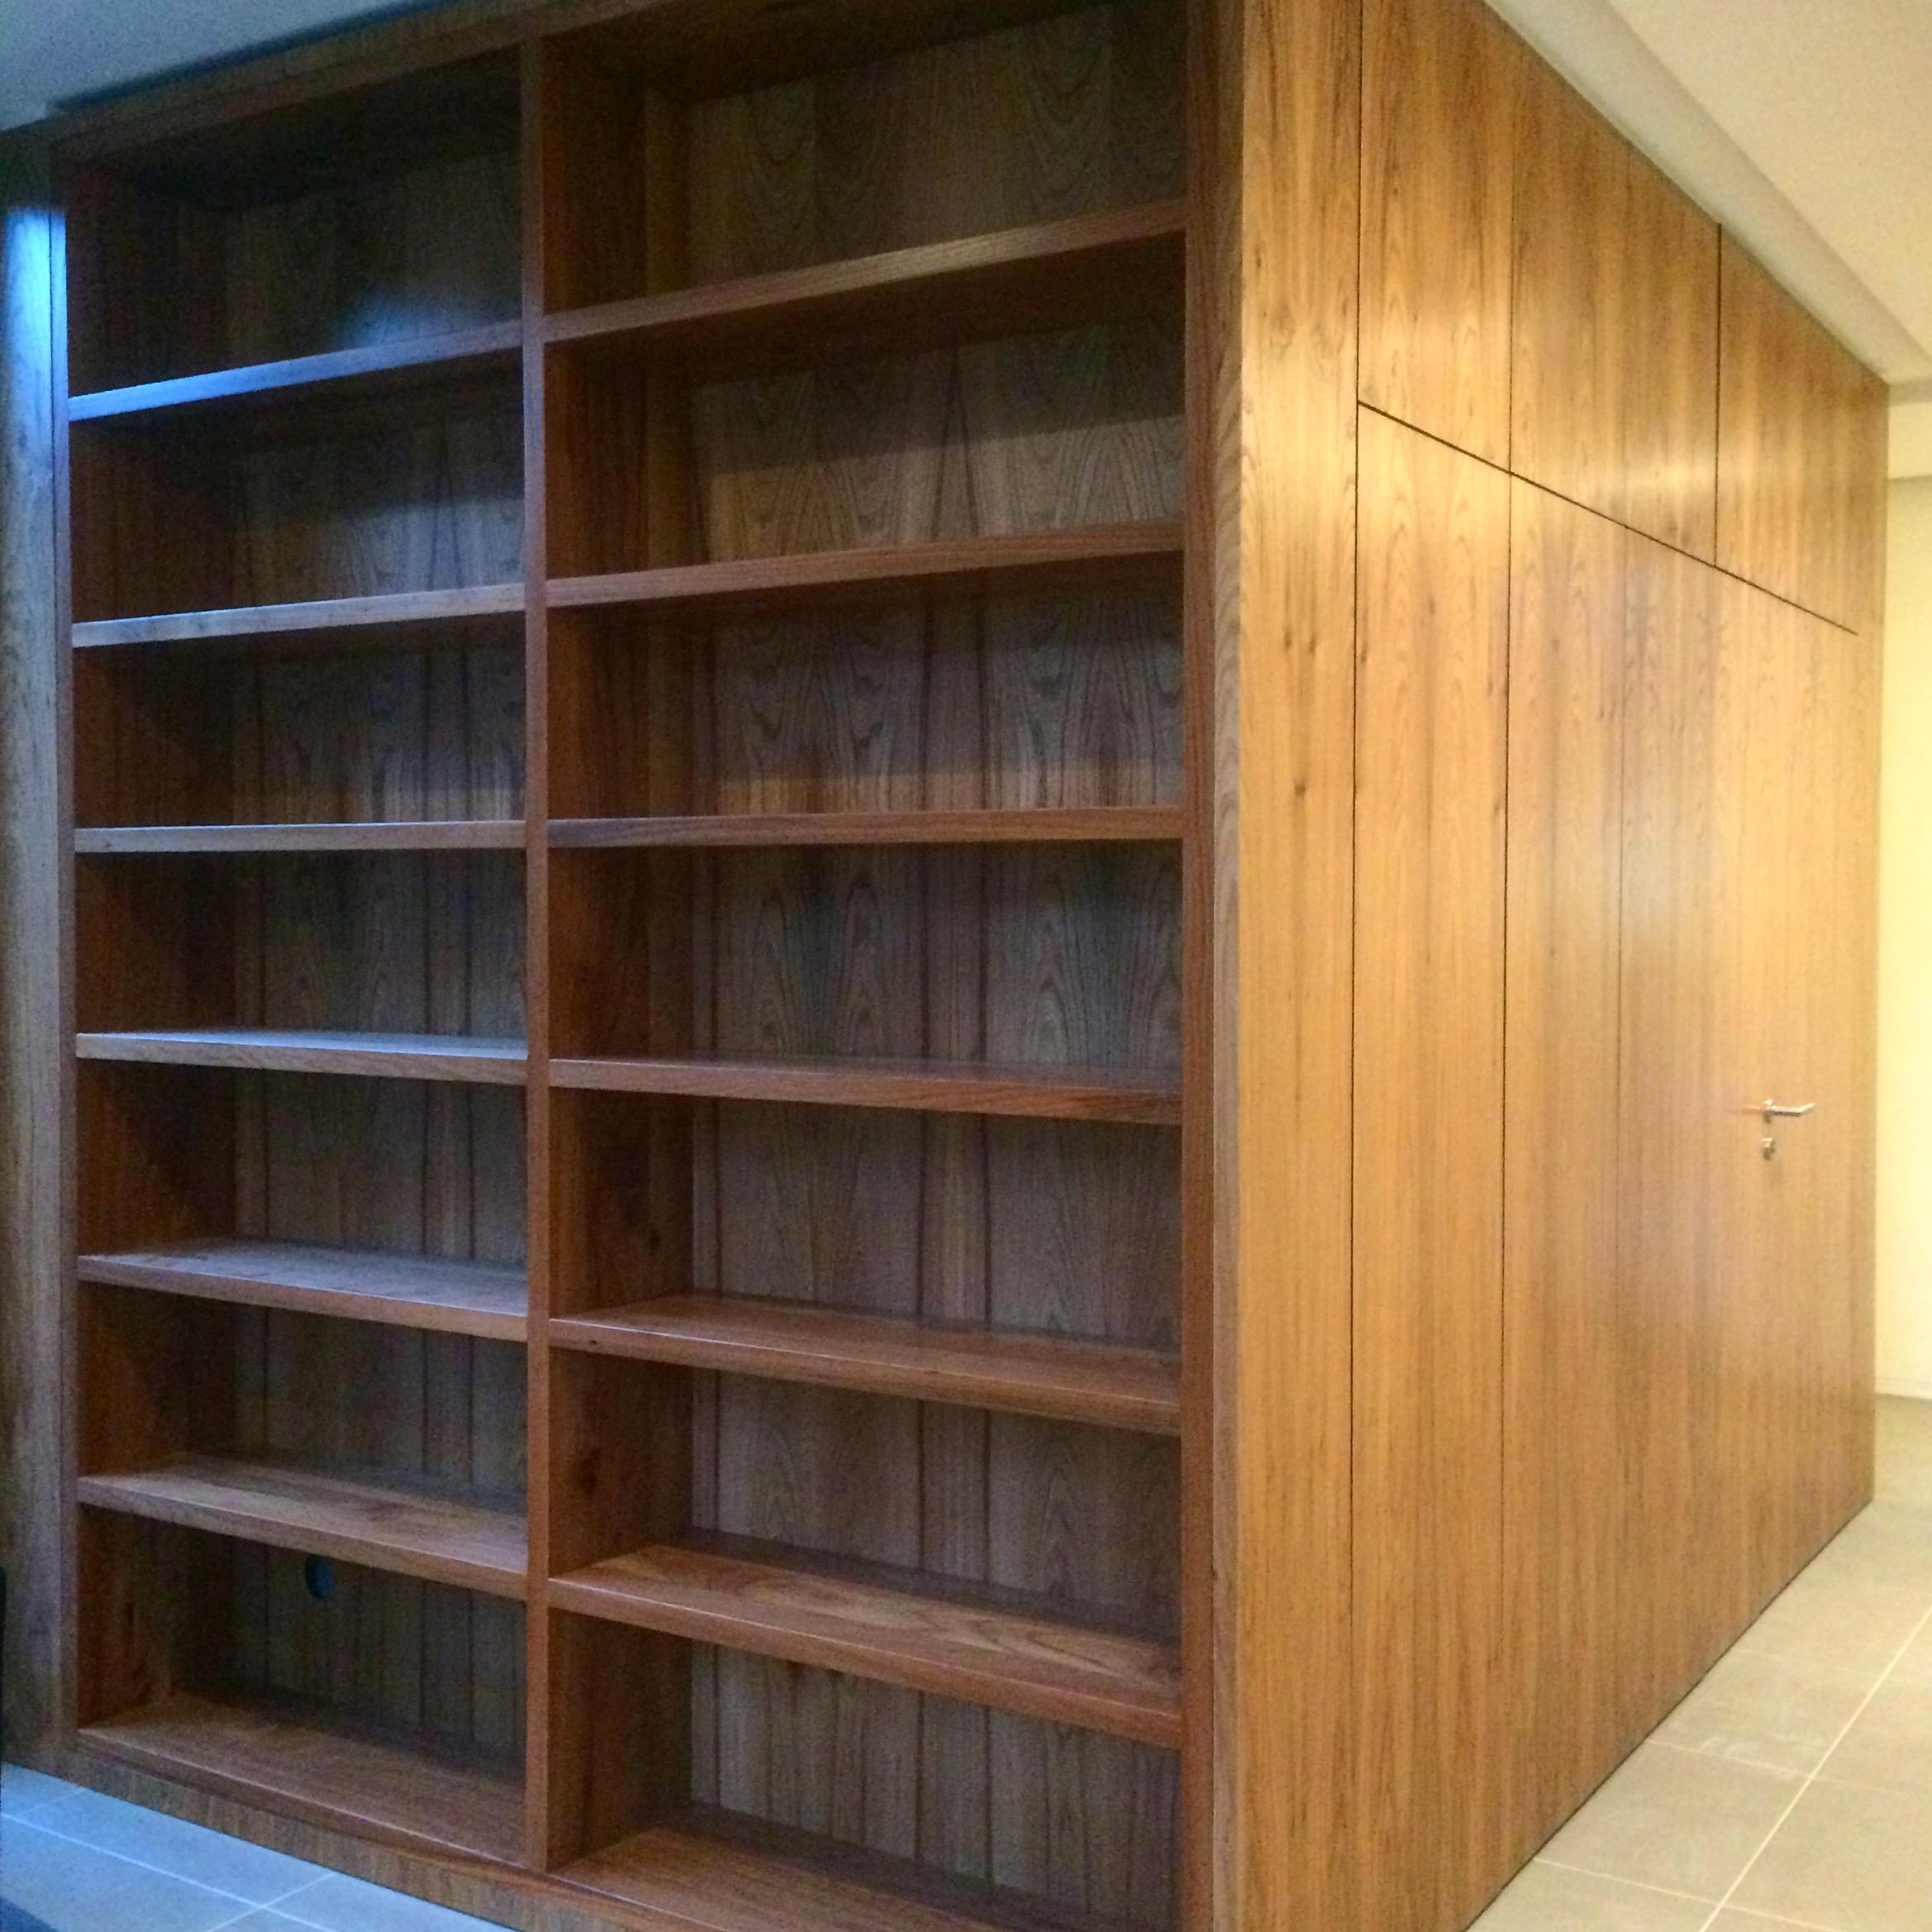 Bücherregal aus Rüster / Ulmenholz mit integrierter Garderobe und WC Tür.